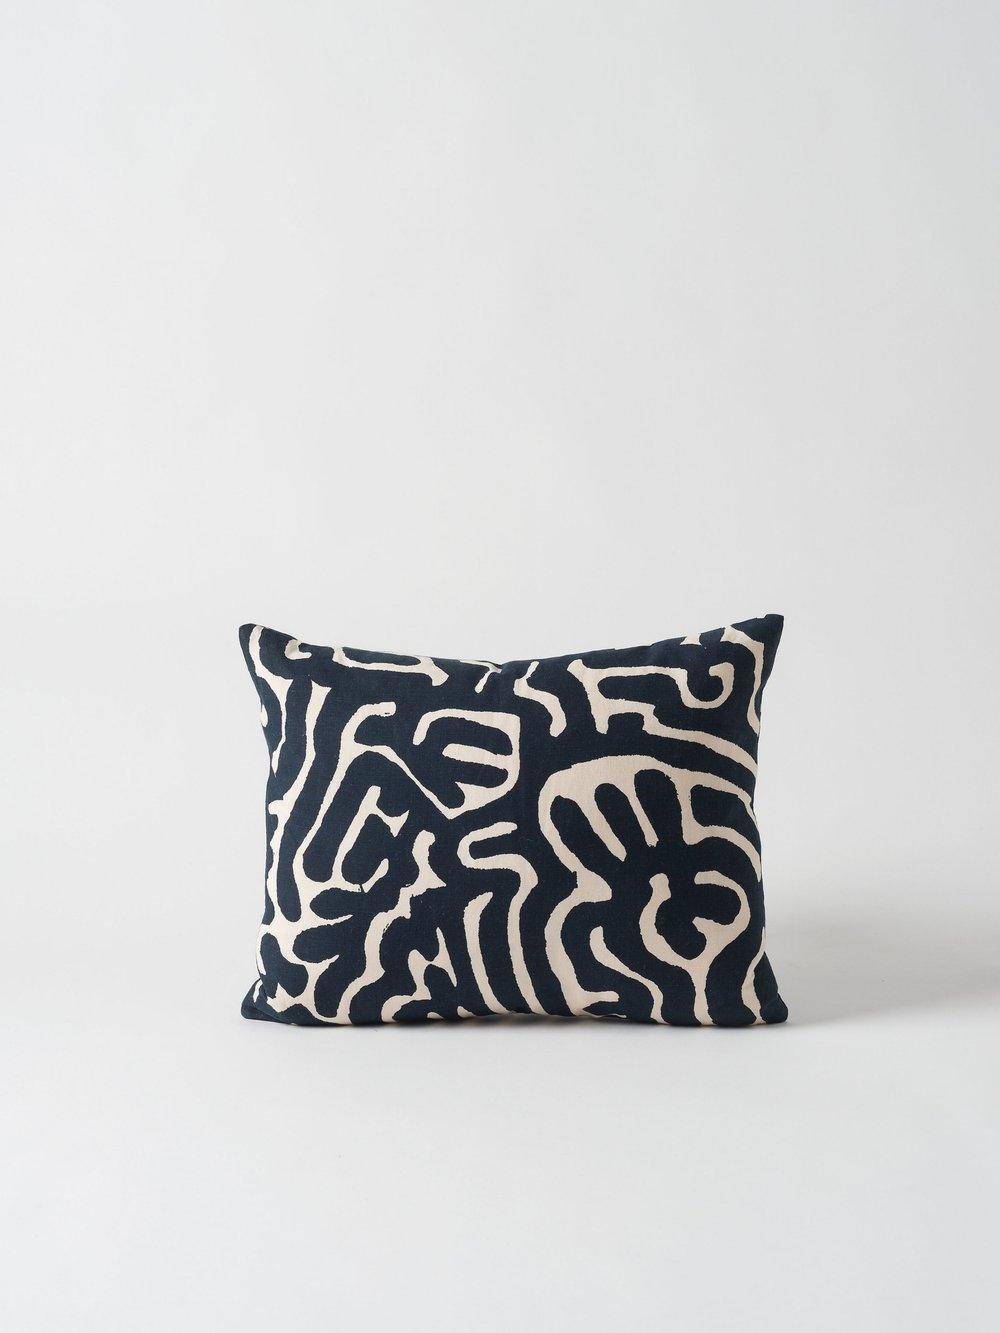 Tifaifai Cushion Cover $44.90